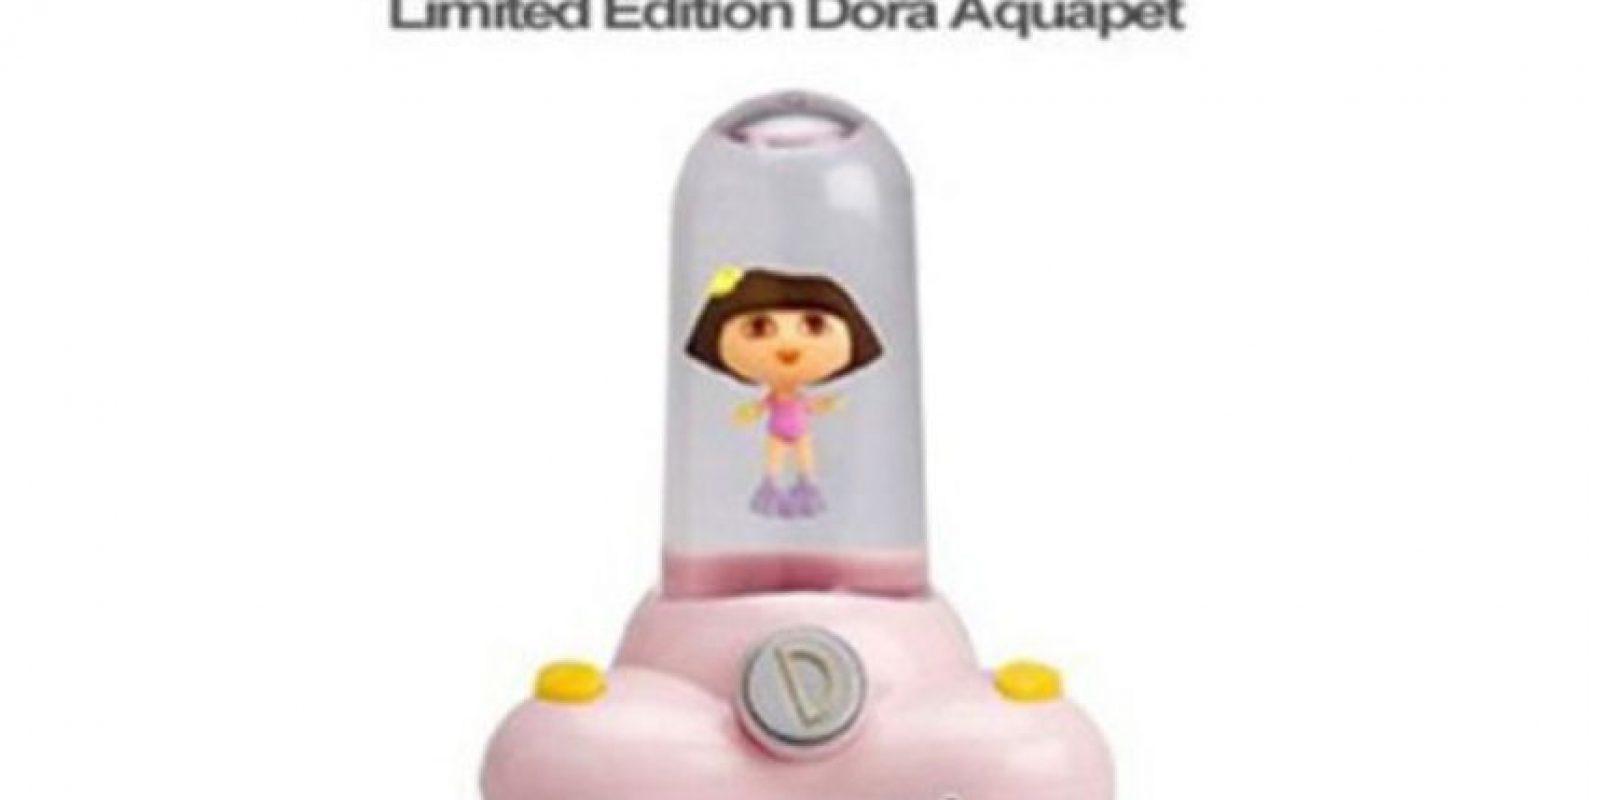 ¿Vibrador? de Dora la Exploradora. Foto:Reddit